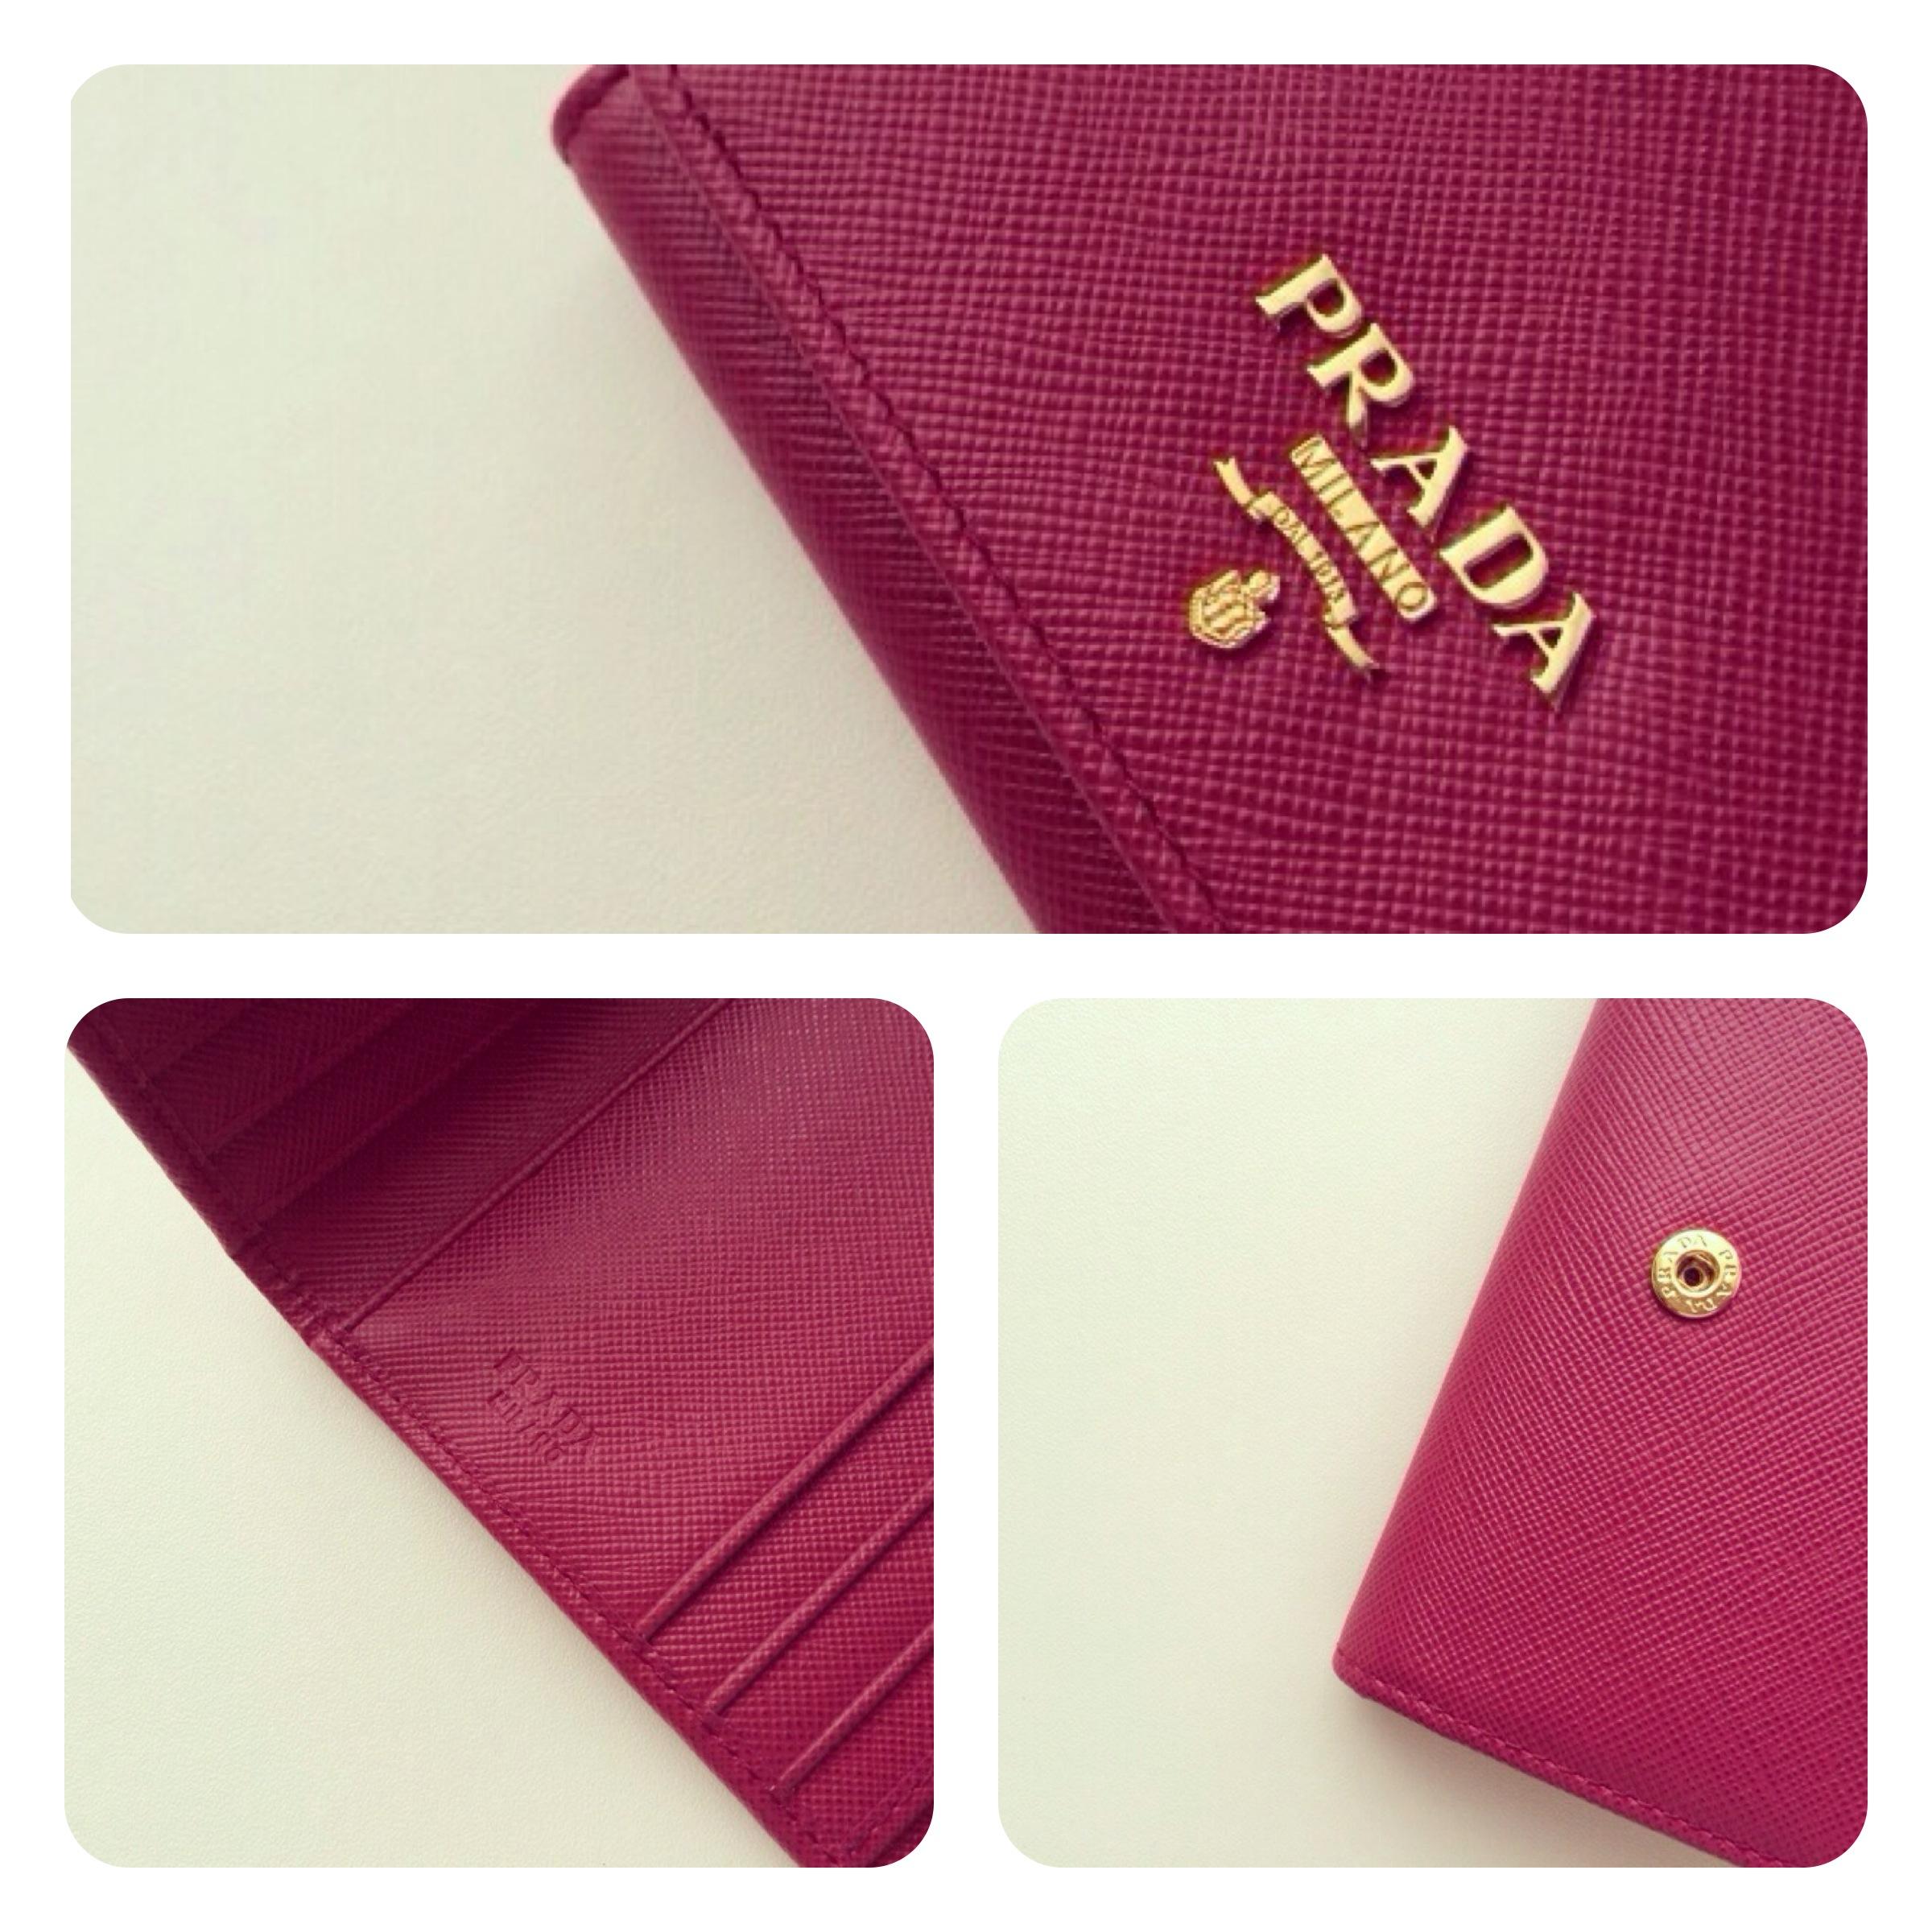 7dd21a2355f9d8 ... Thumbnail 3 · PRADA Saffiano Ibisco Tri-Fold Wallet - Thumbnail 4